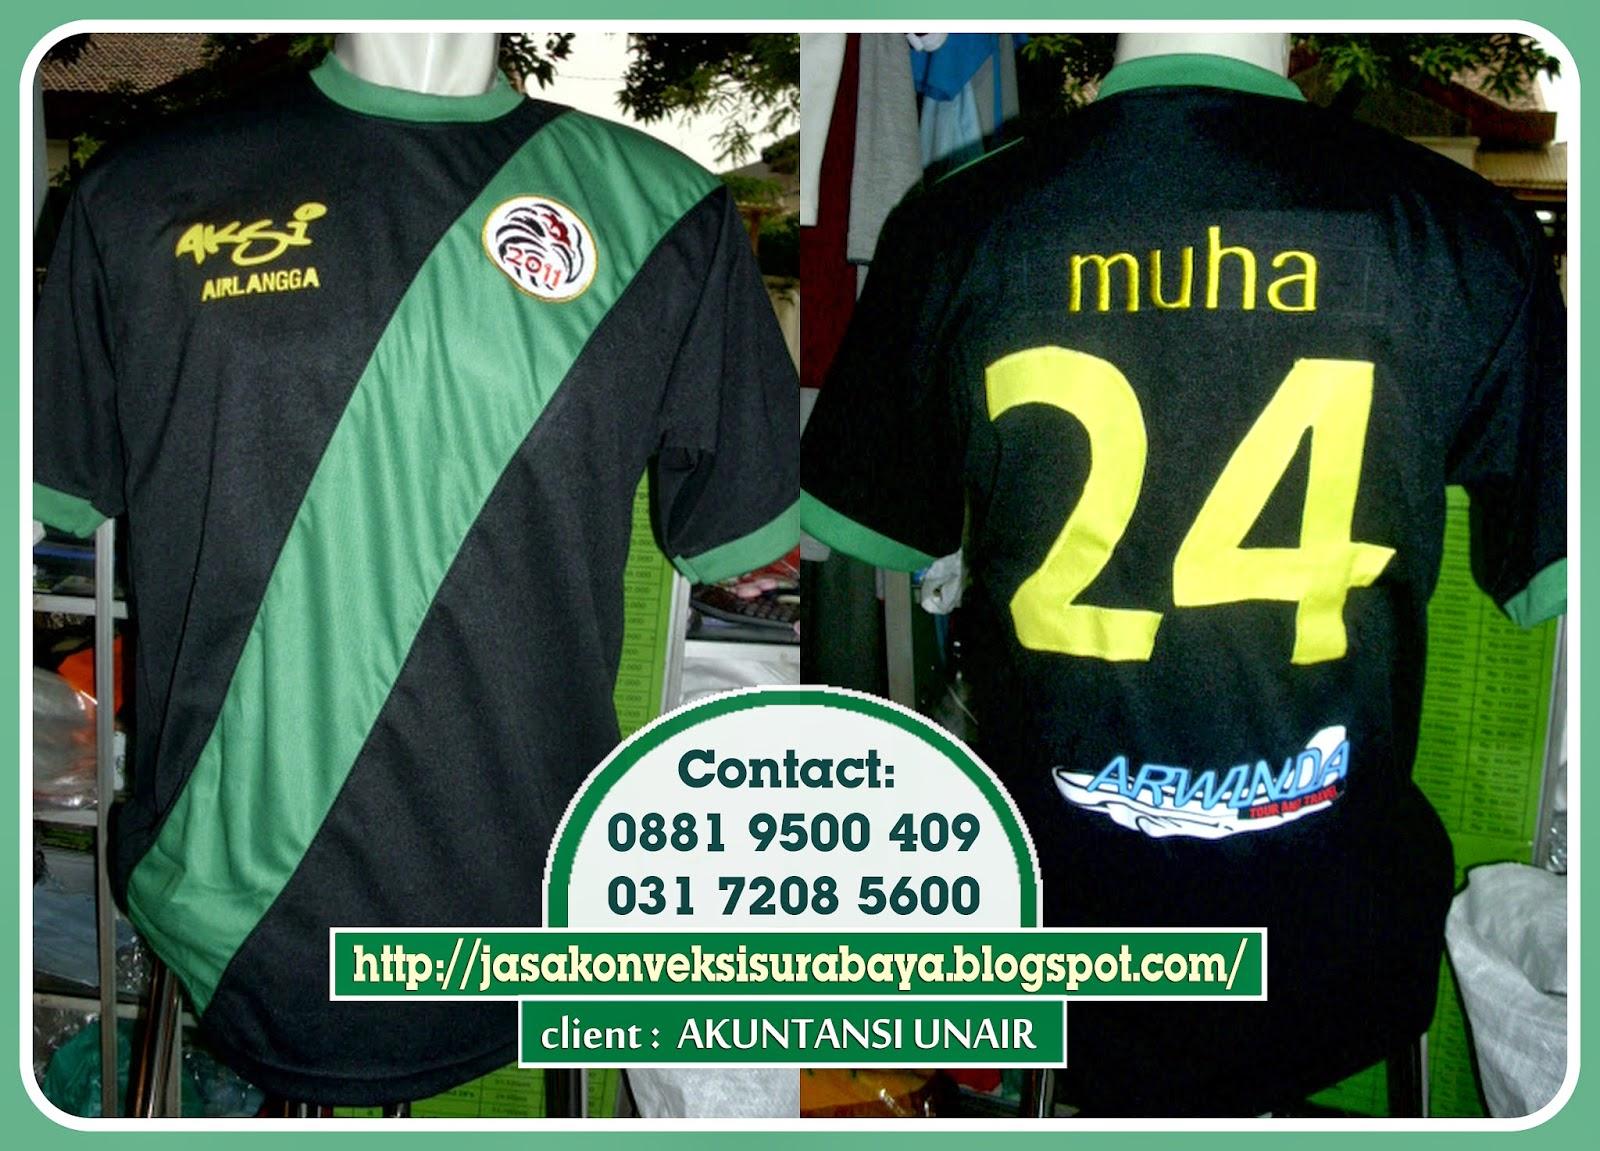 Produksi Kaos Olahraga club, Produksi Kaos Olahraga murah, Produksi Kaos Olahraga di Surabaya, pesan kaos olahraga